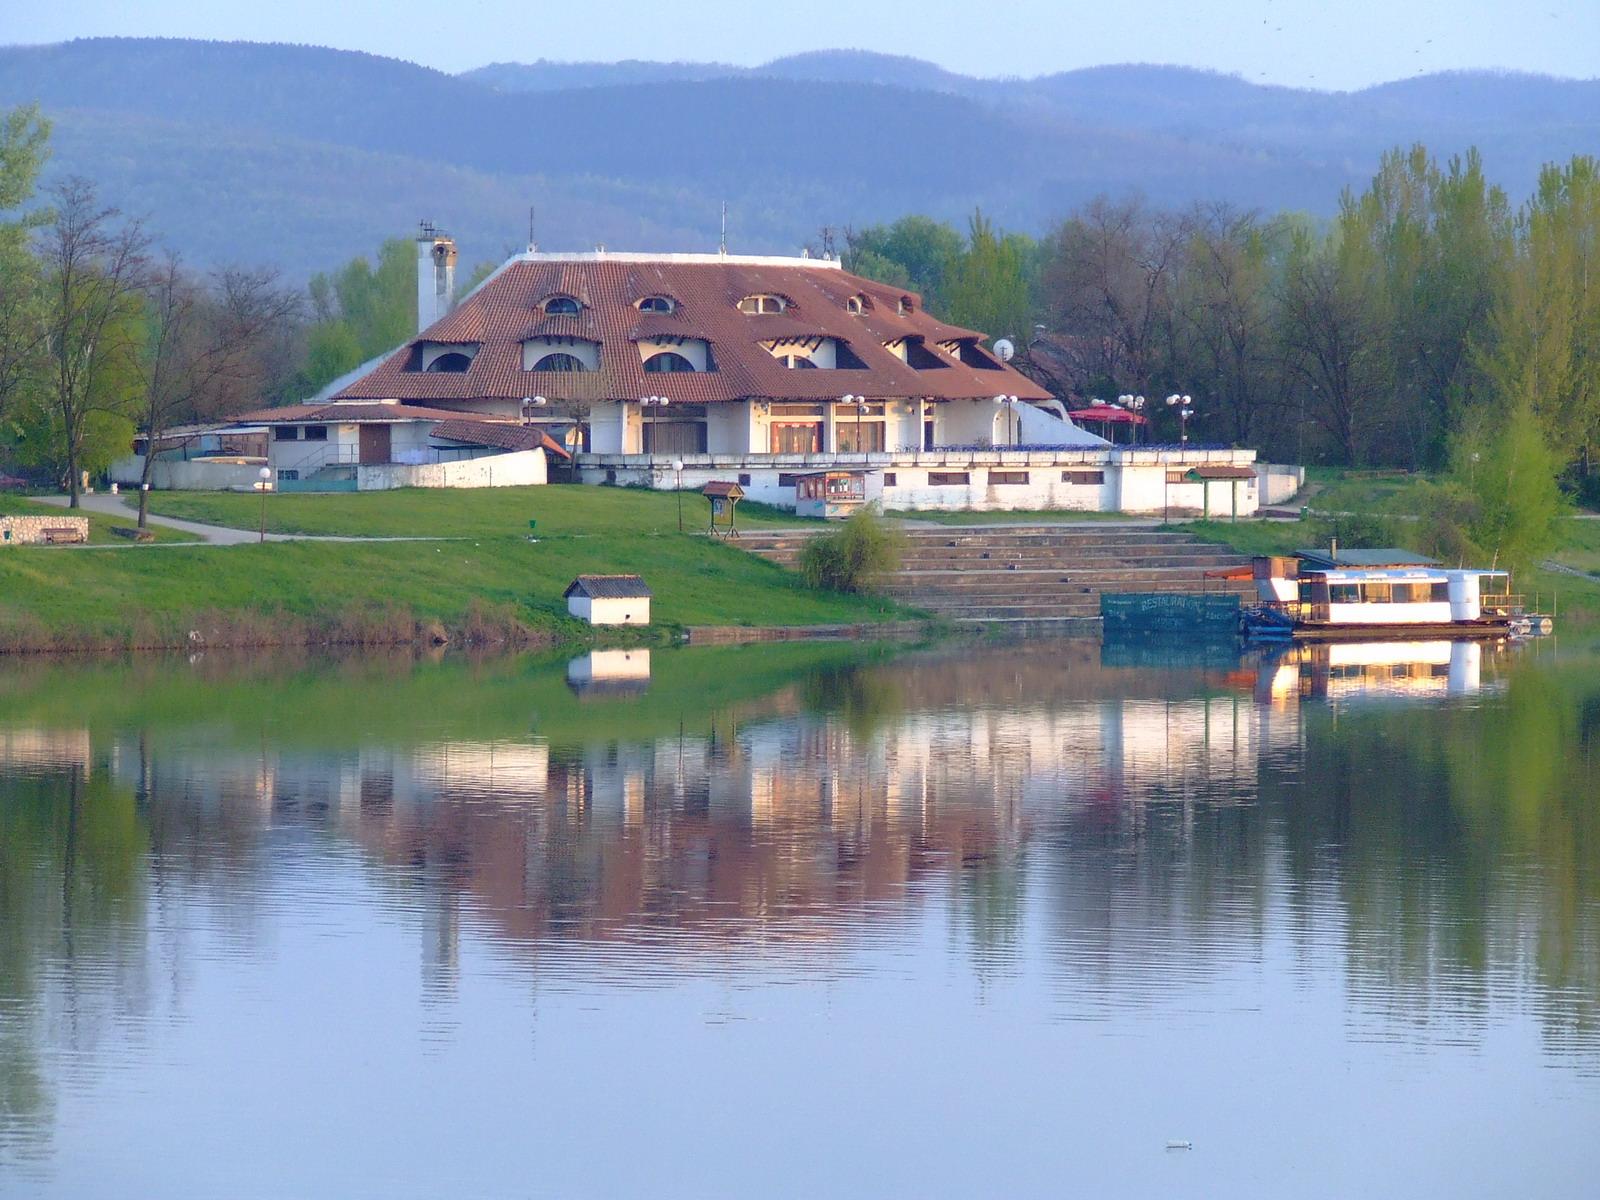 srebrno jezero online hotels in serbia. Black Bedroom Furniture Sets. Home Design Ideas